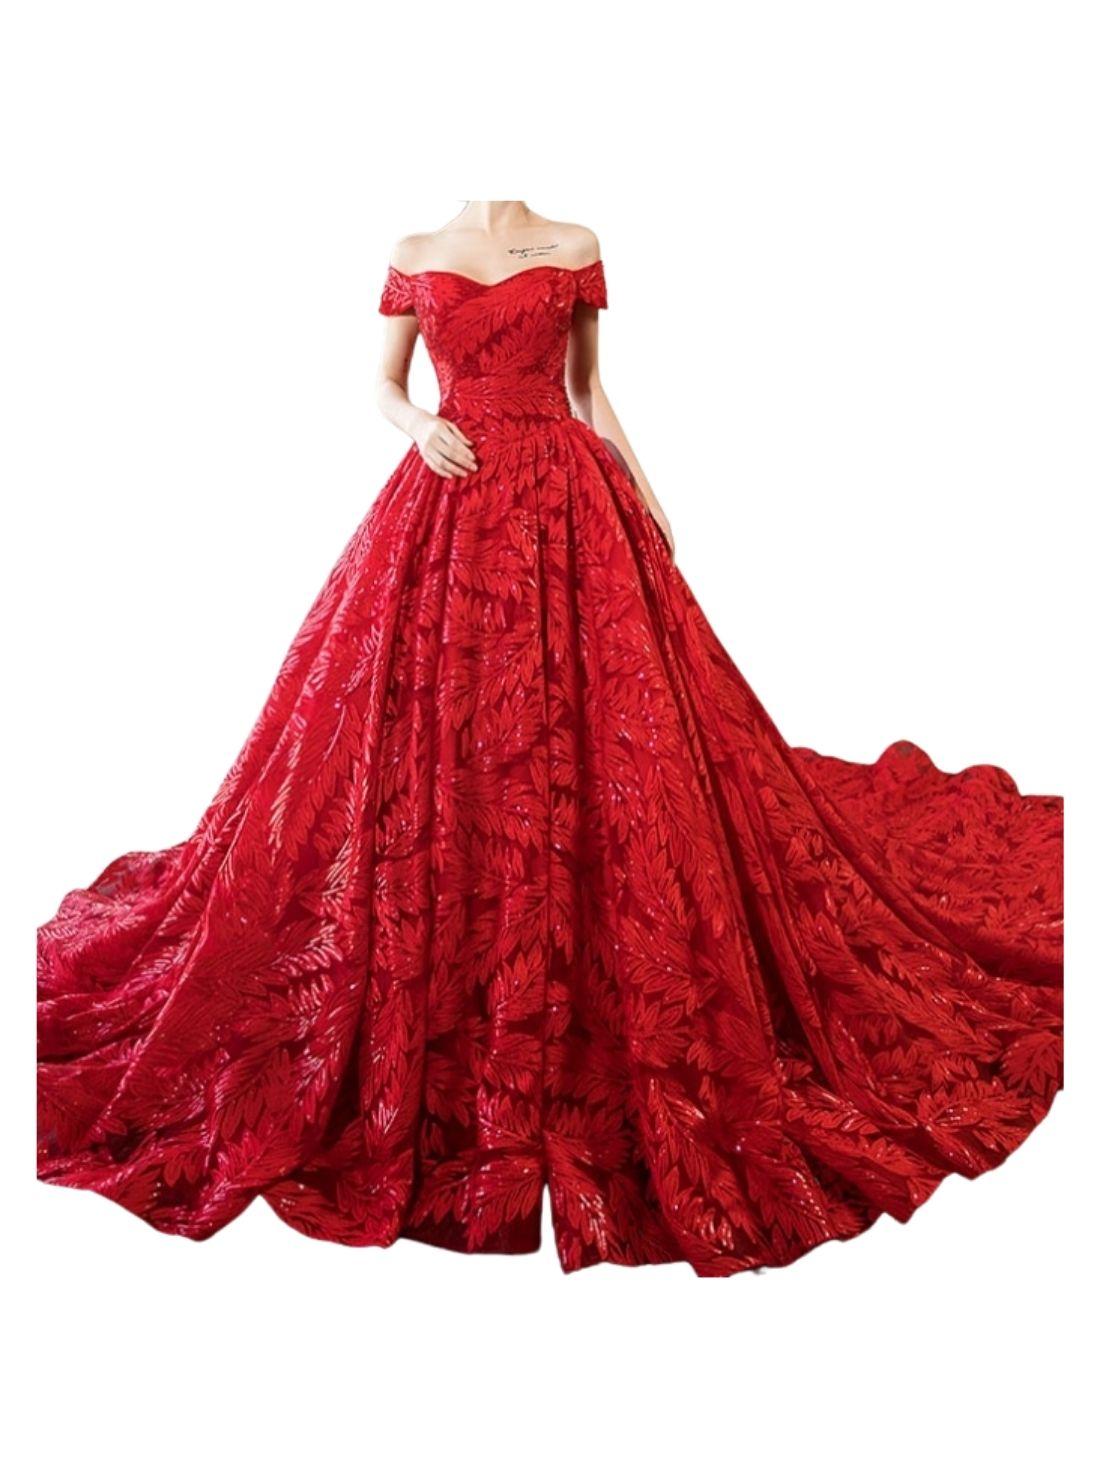 Red Lace Bridal Ball Dress China